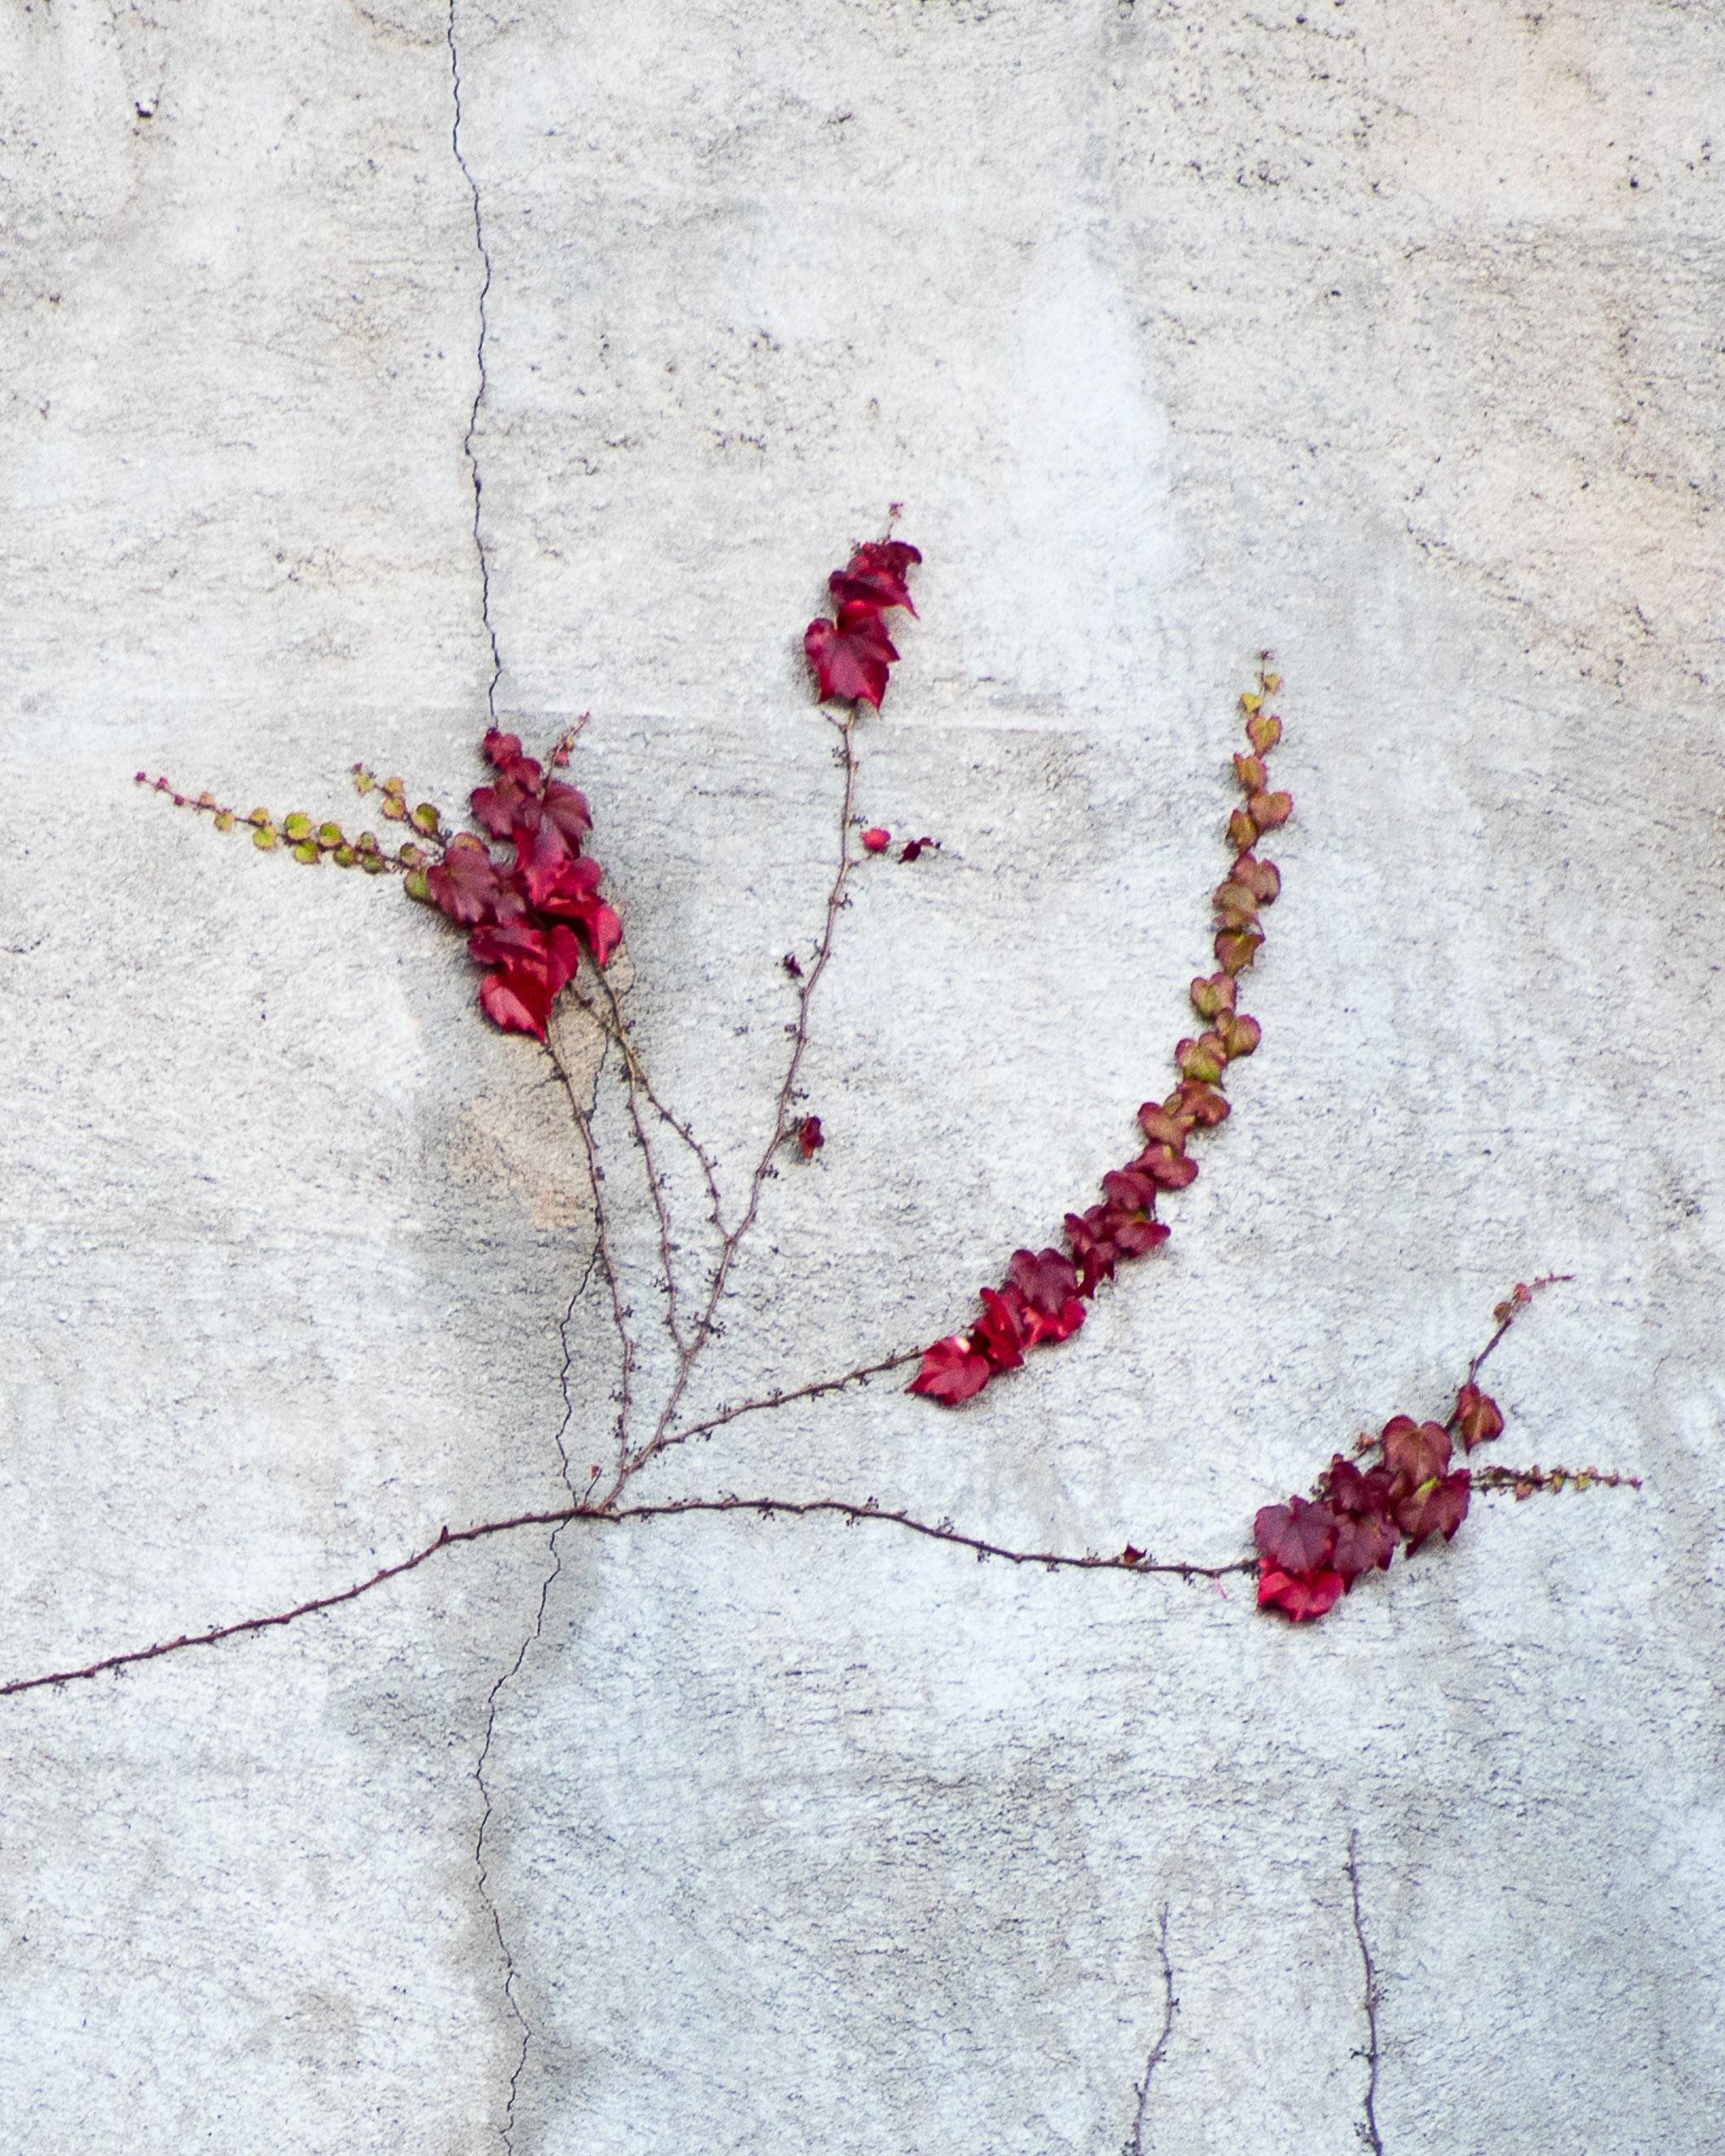 151214 Wall Vine 2 8x10-0289.jpg